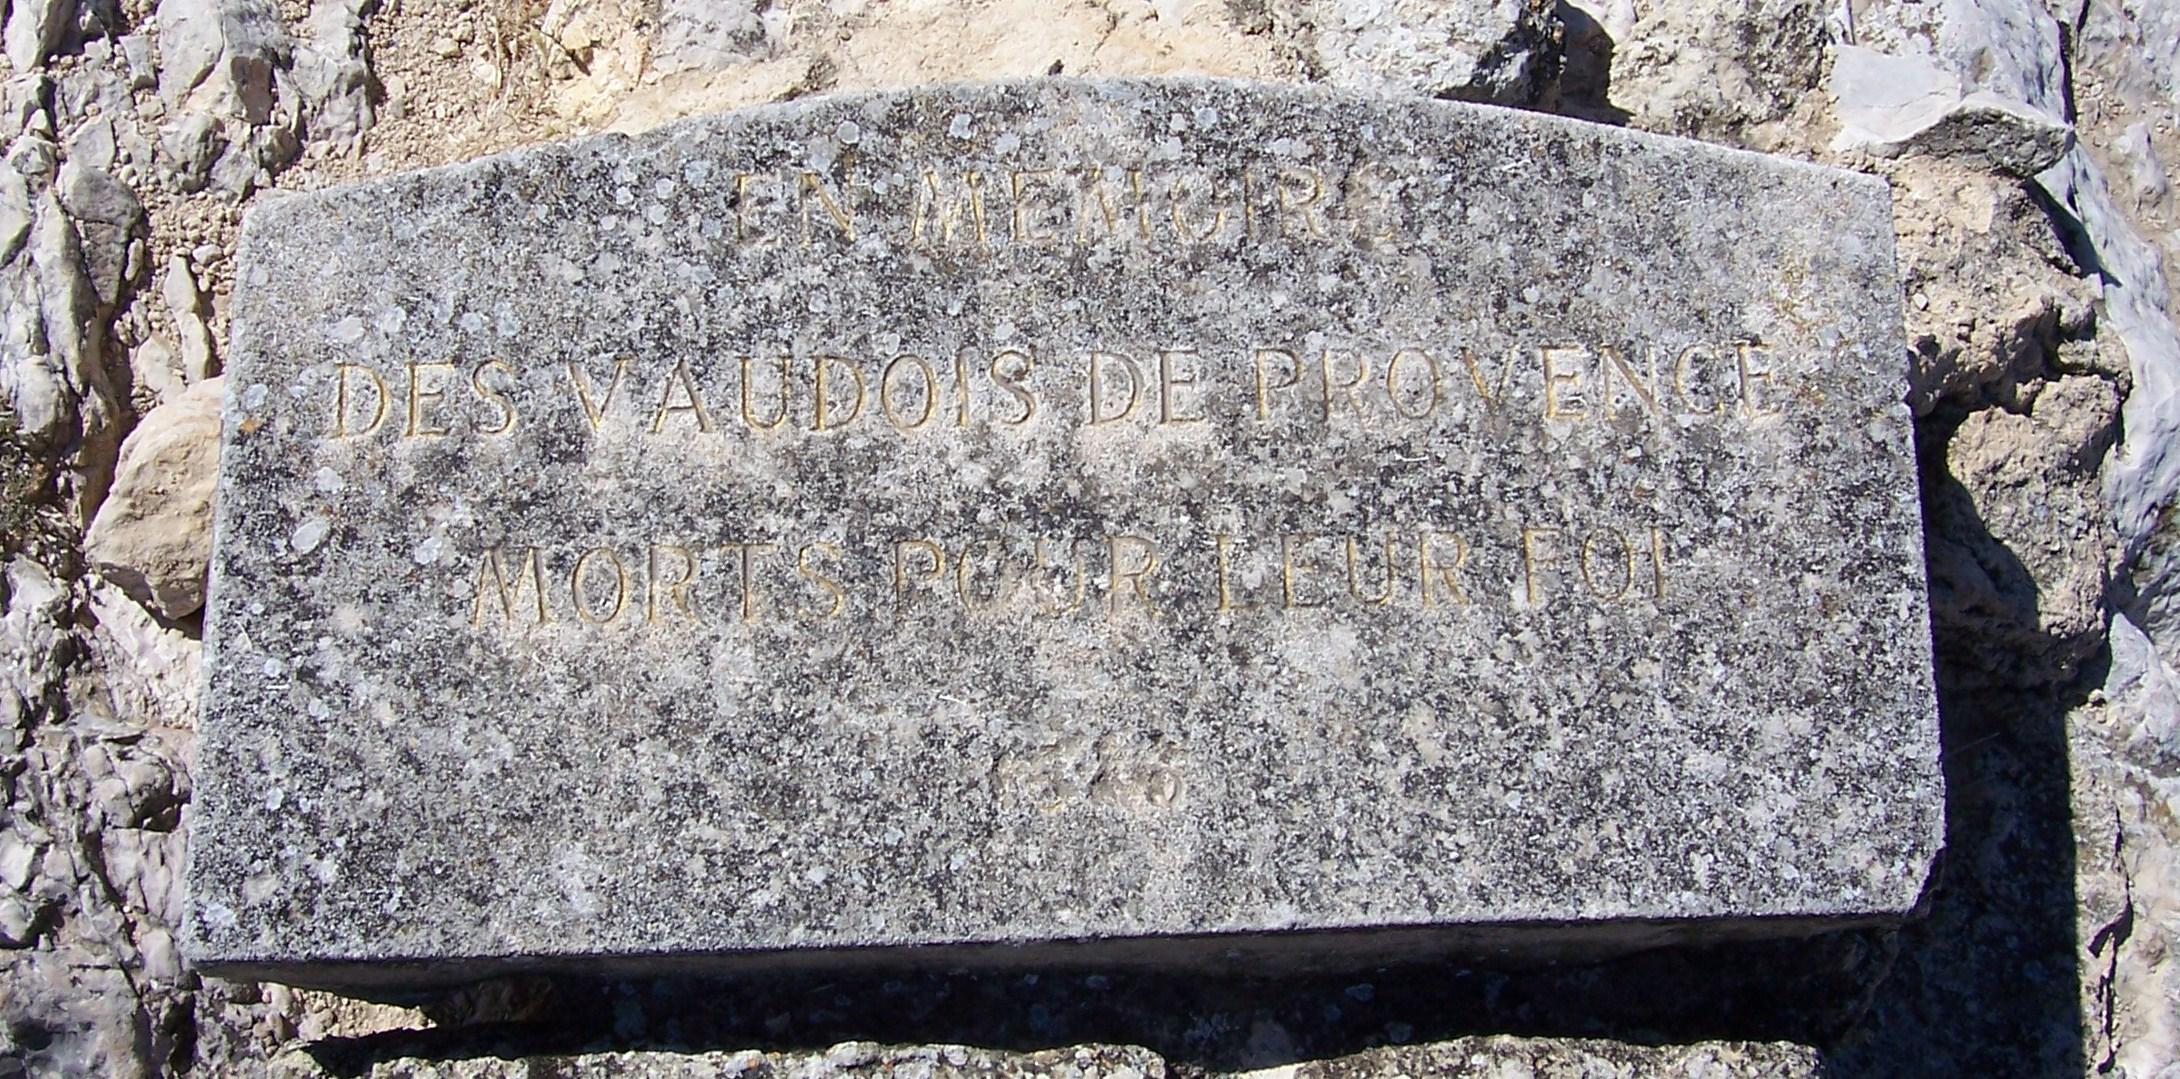 En_mémoire_des_Vaudois_de_Provence_morts_pour_leur_foi